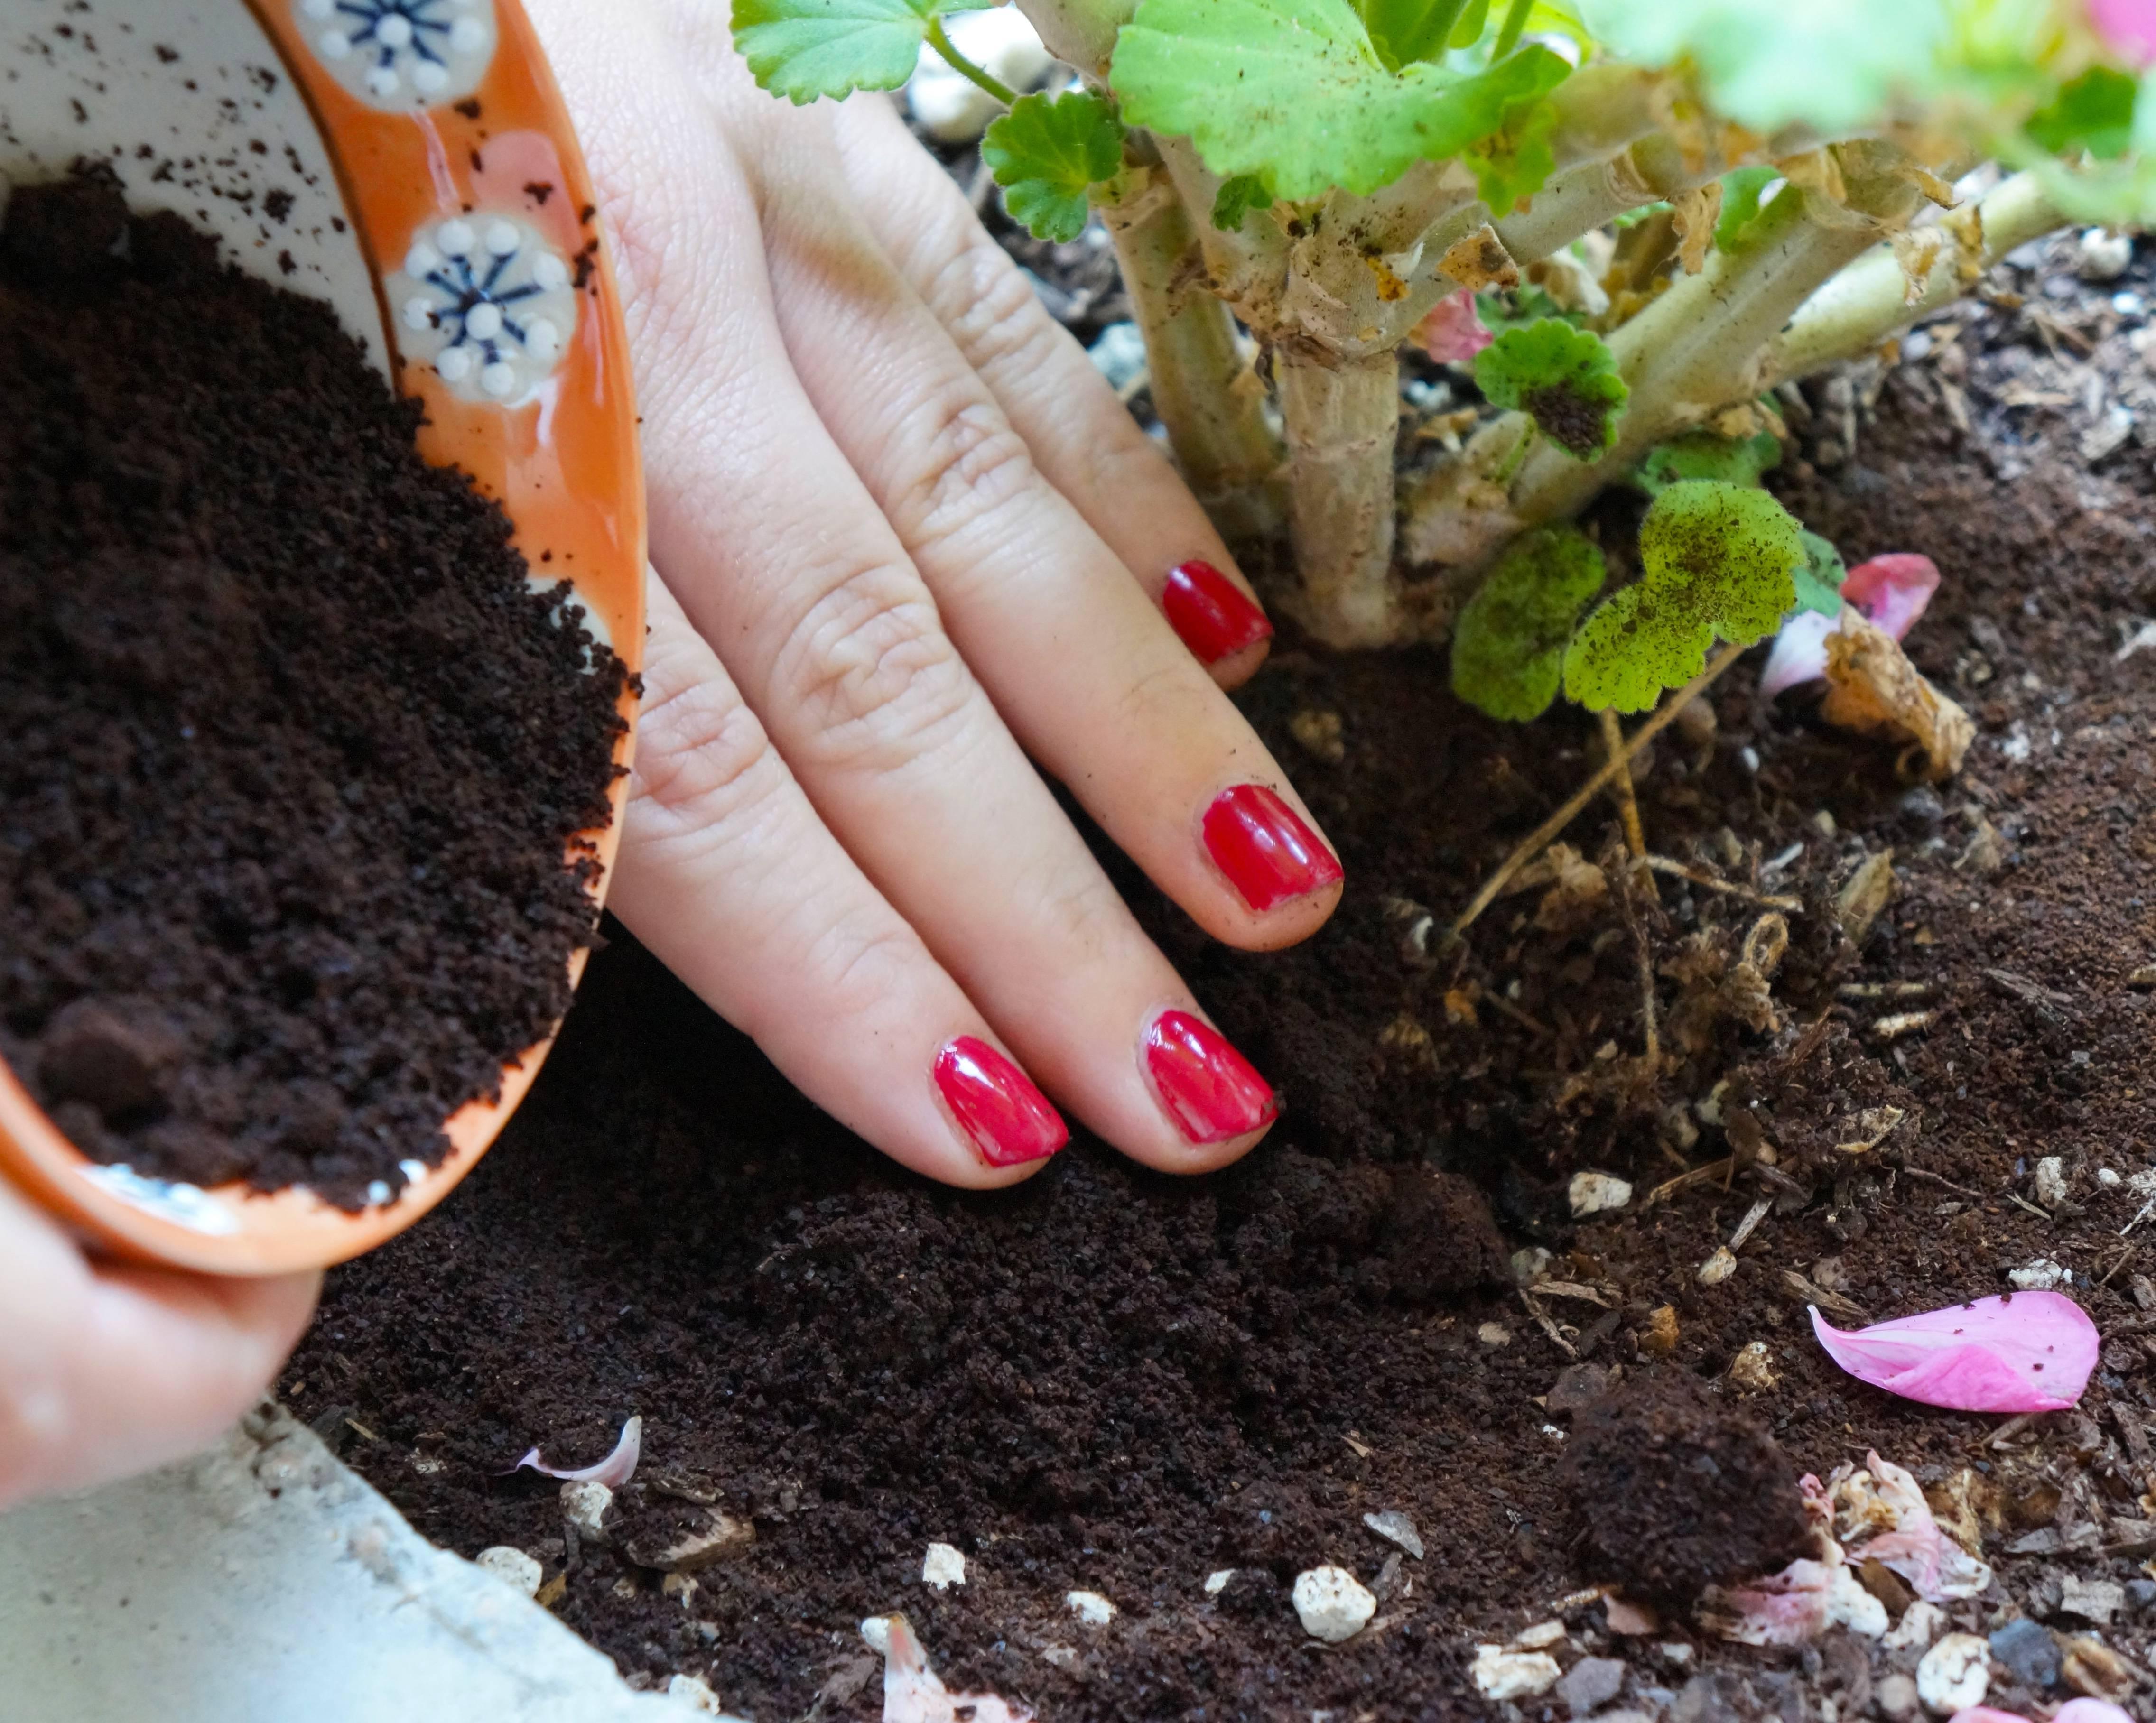 Кофейная гуща (спитой кофе) как удобрение и мульча для томатов, как приготовить компост из жмых